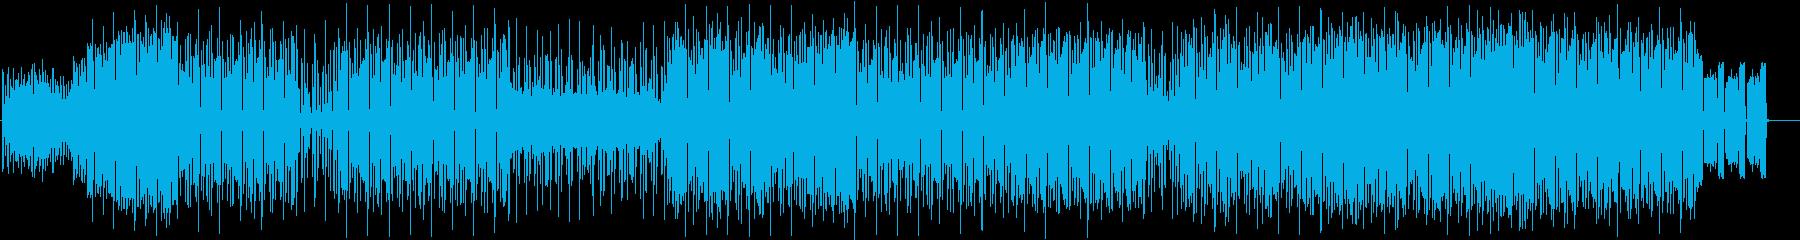 ダウンビートのレゲエトラックです。の再生済みの波形